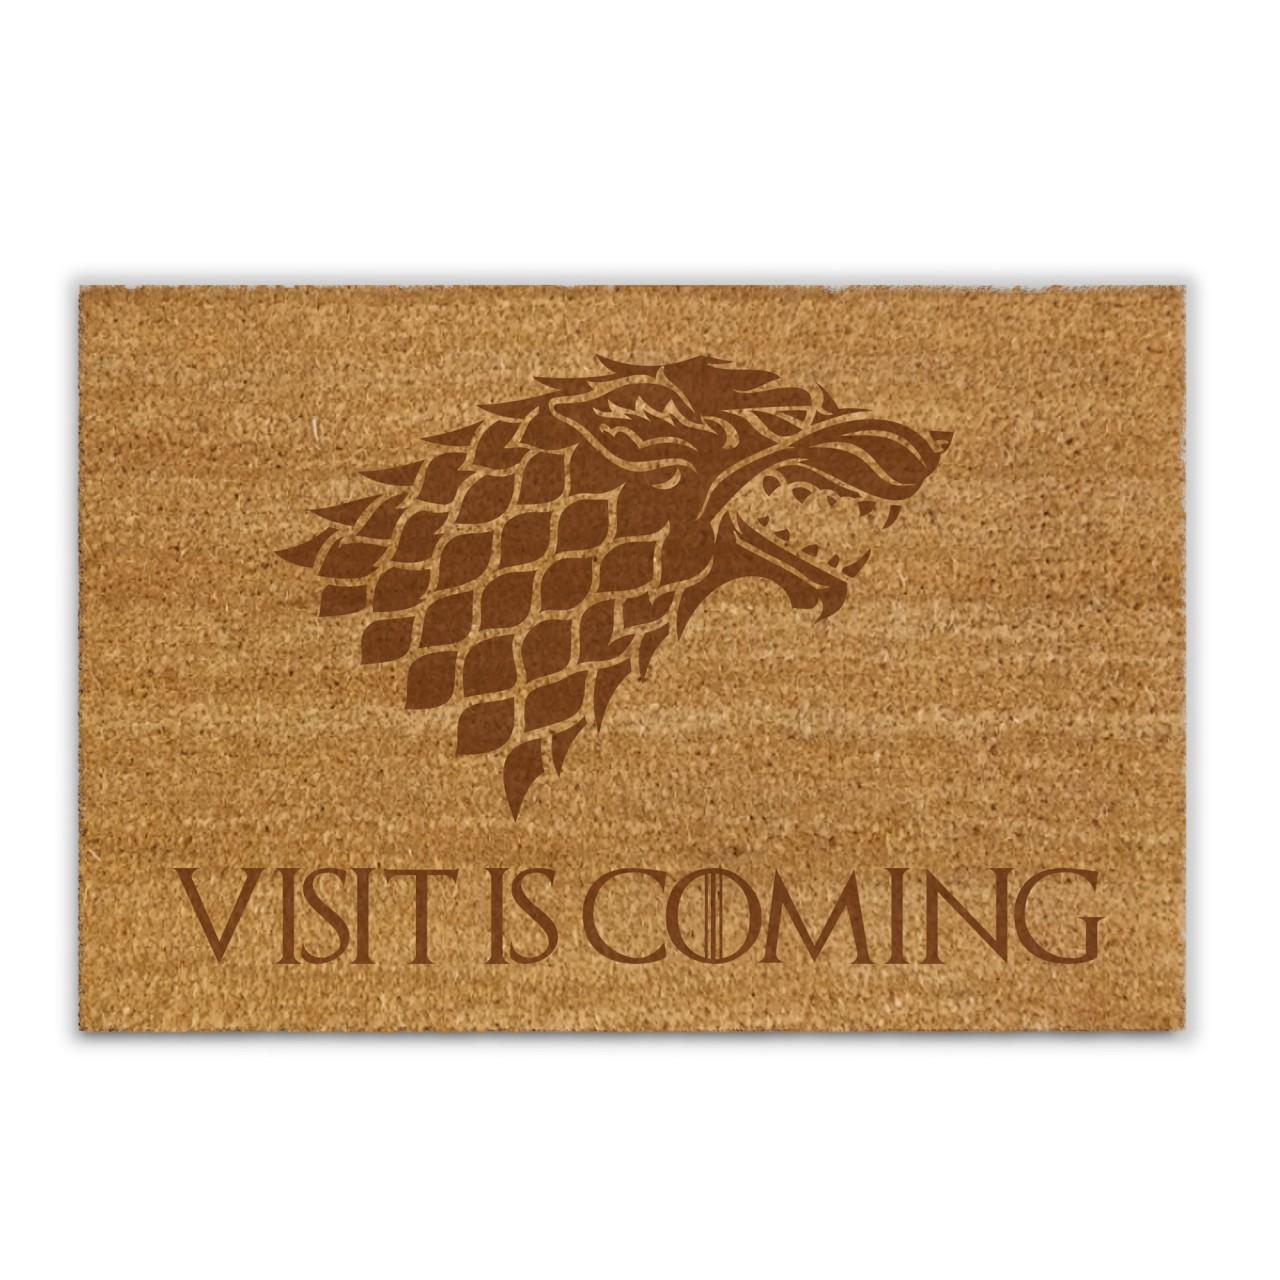 Visit is coming - Kokosfasermatte / Fußmatte